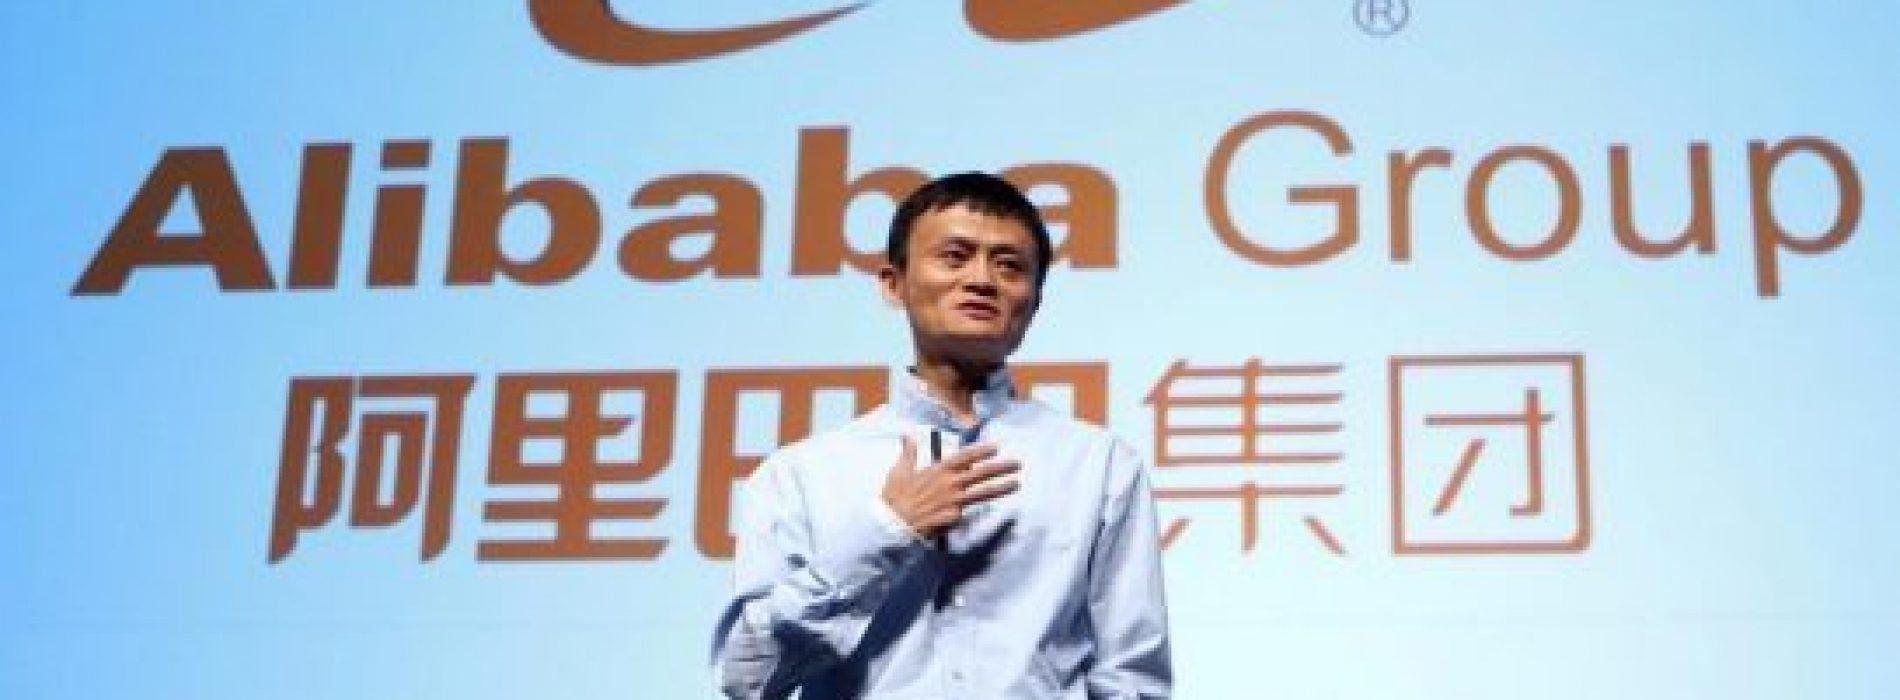 Özel Analiz: Alibaba devlet olsaydı dünyanın 24. ekonomisi olurdu!